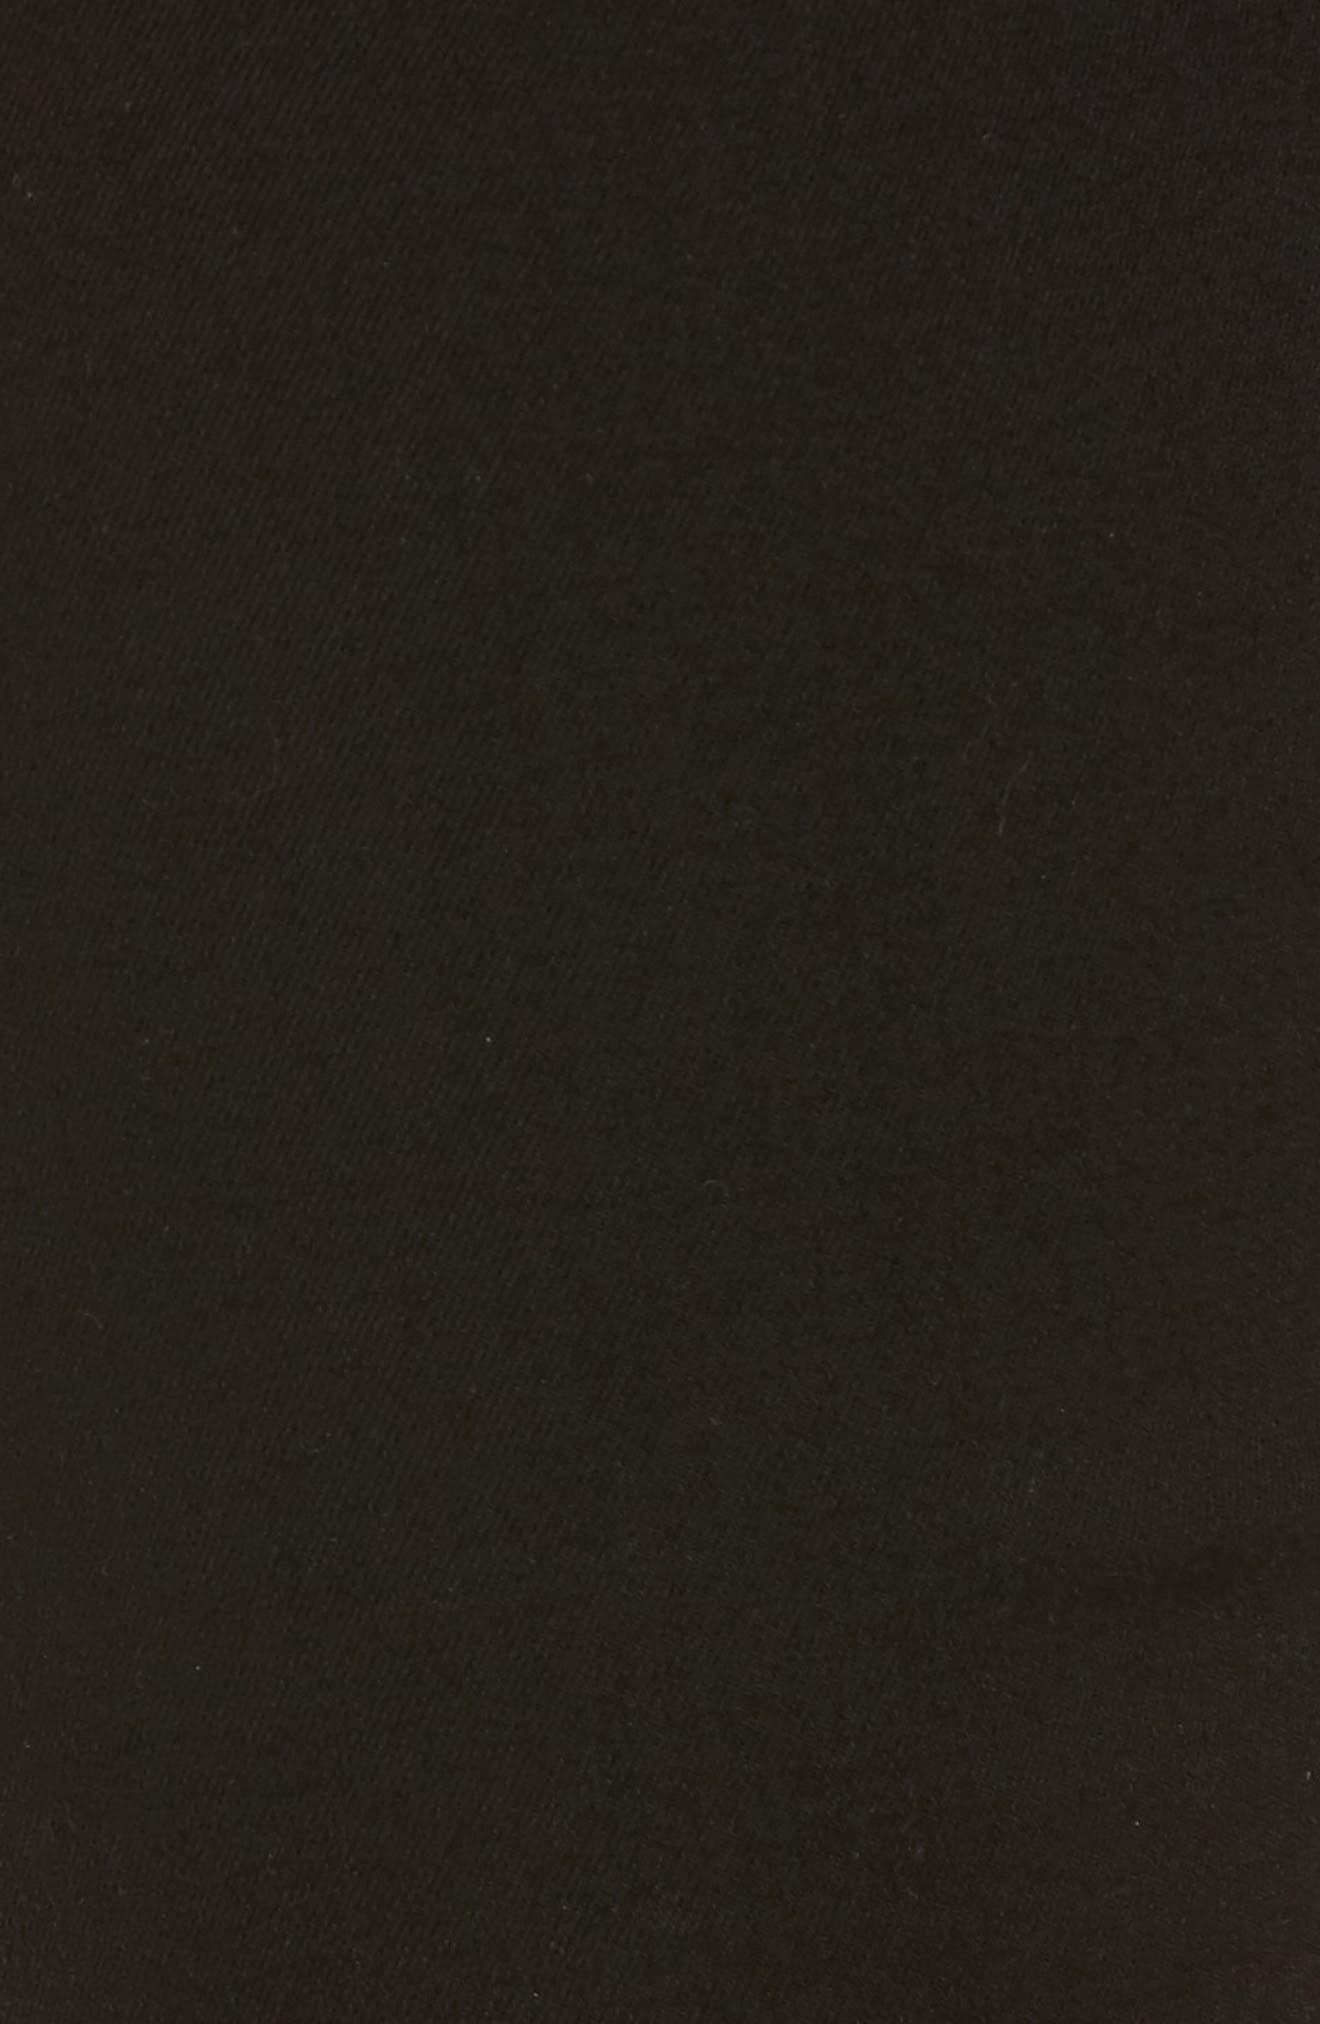 b(air) Crop Bootcut Jeans,                             Alternate thumbnail 5, color,                             B(AIR) BLACK